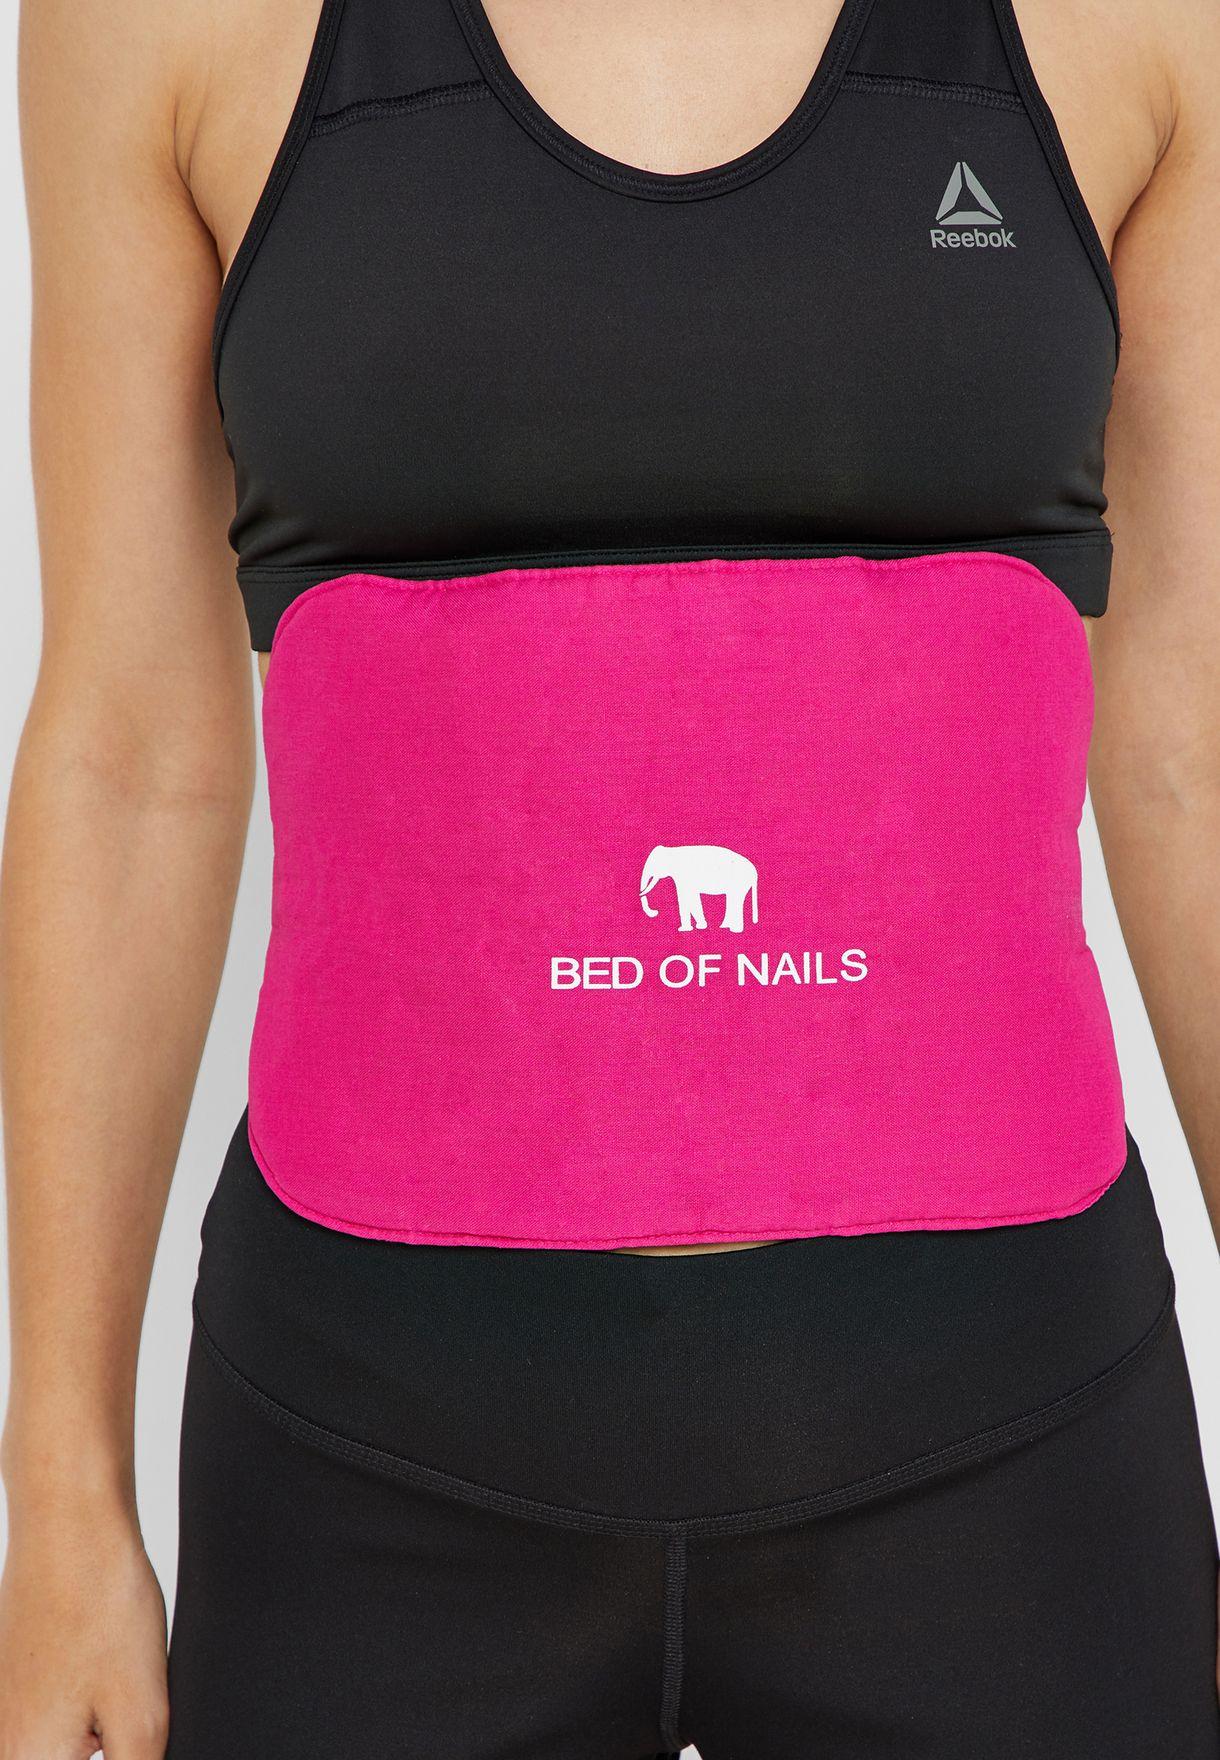 Pink Acupressure Strap